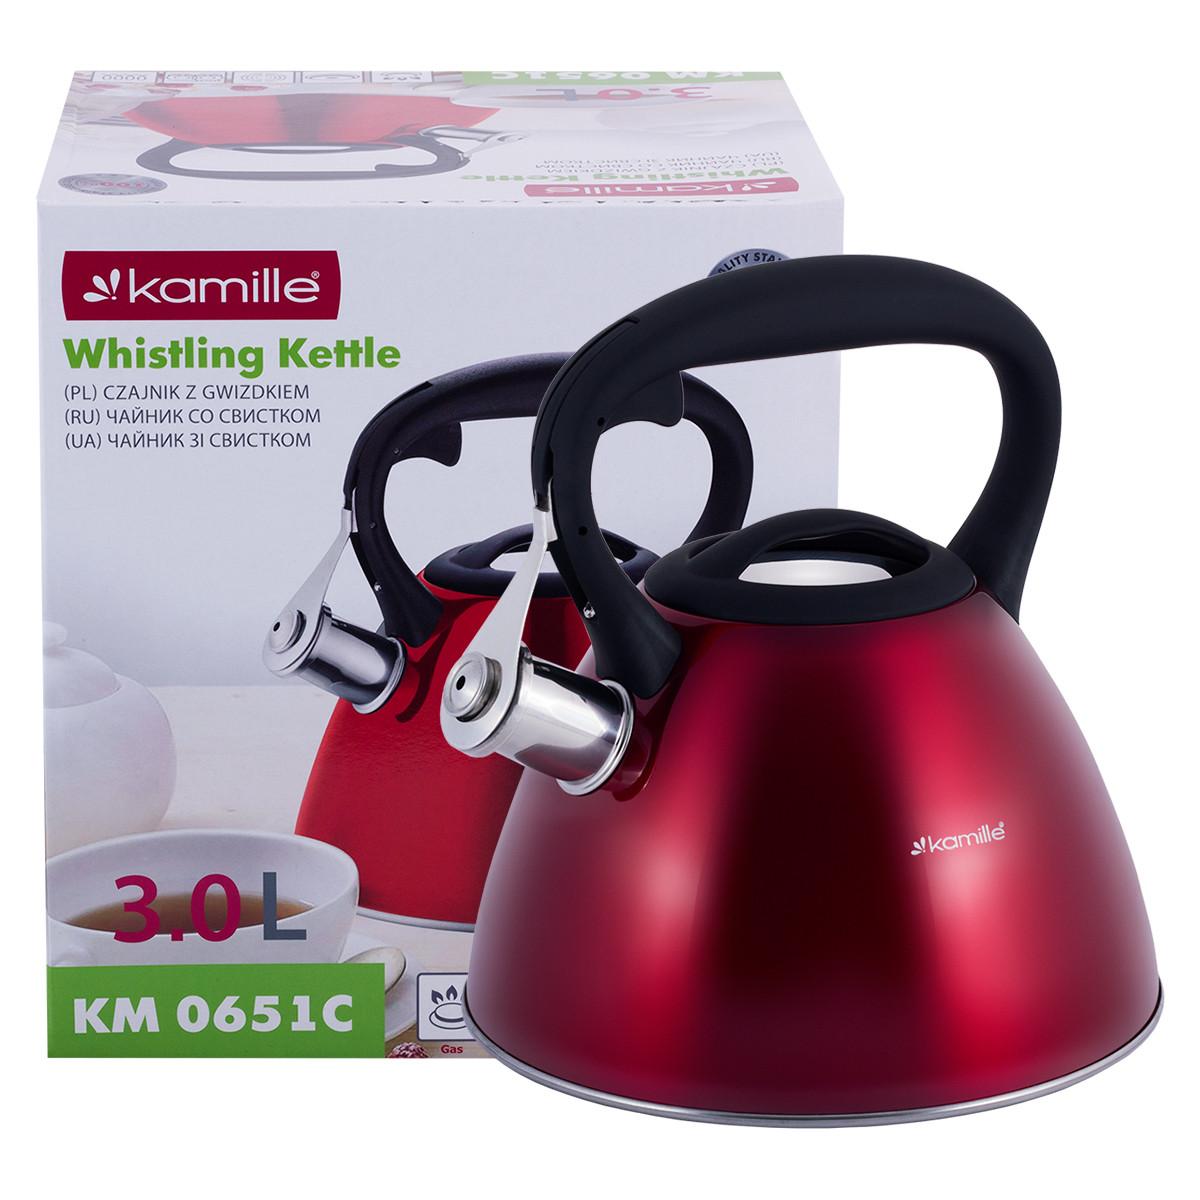 Чайник Kamille 3л из нержавеющей стали со свистком и черной бакелитовой ручкой для индукции и газа KM-0651C